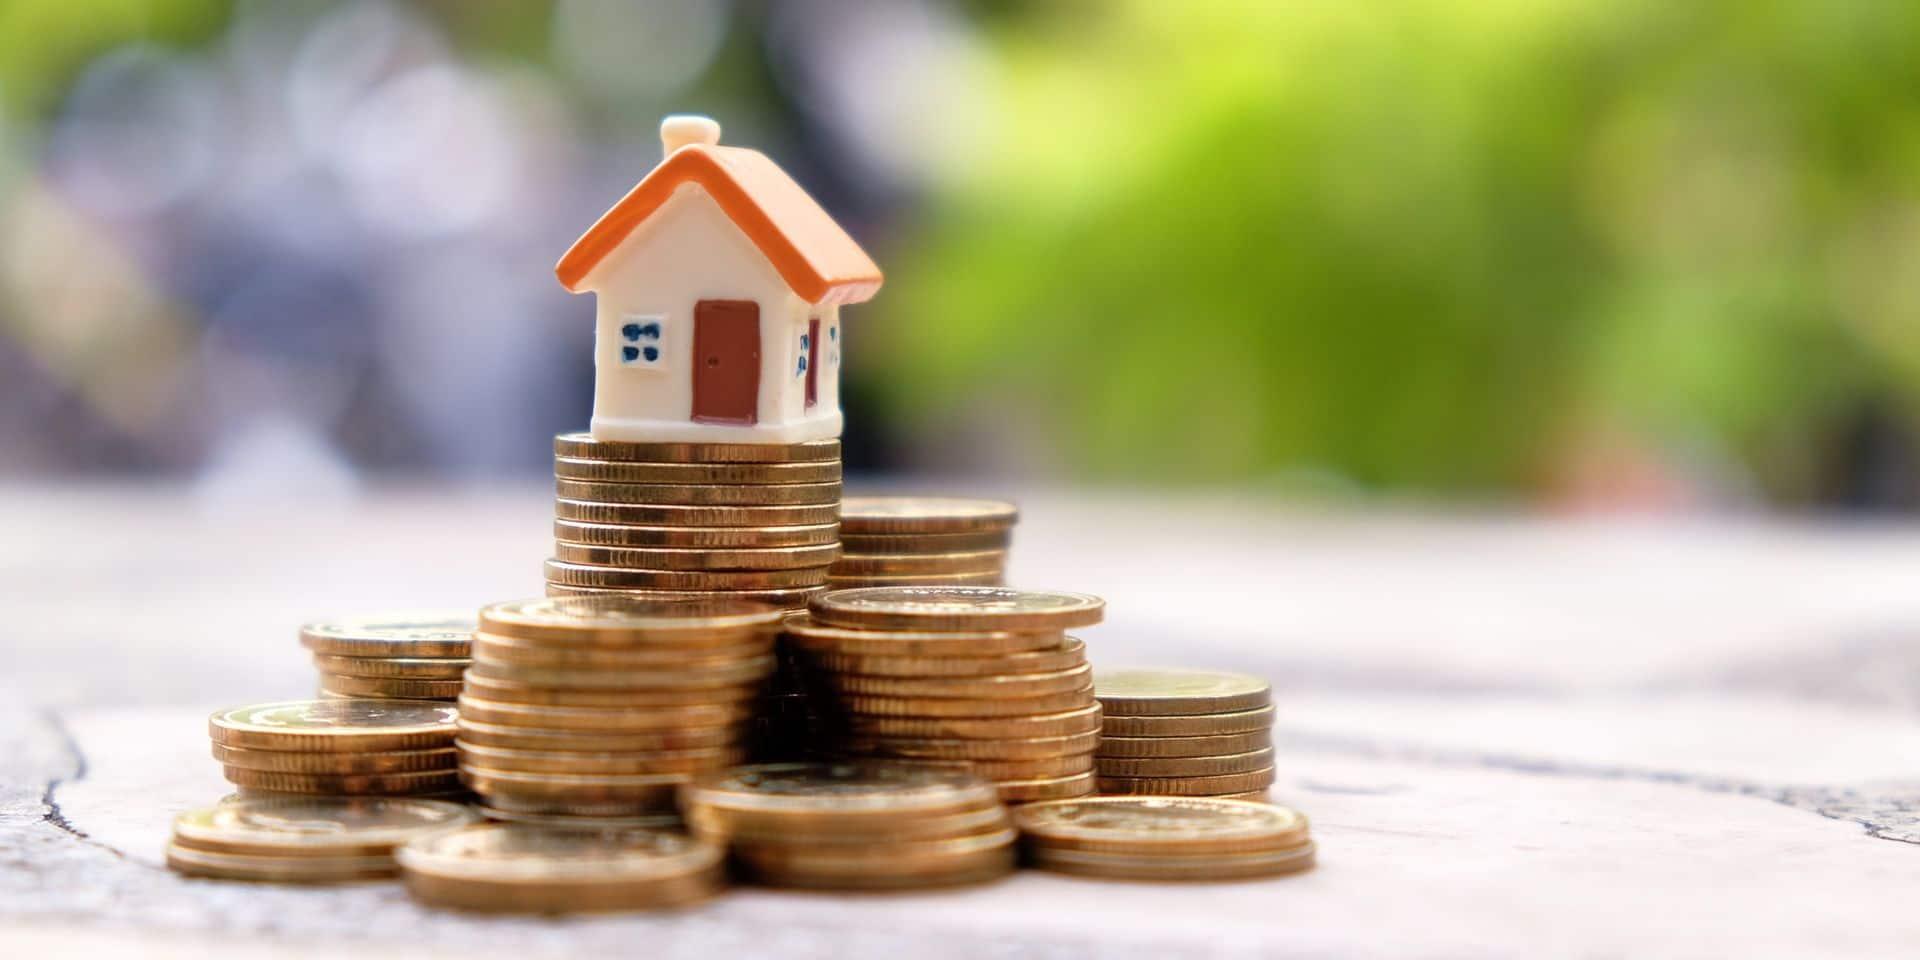 La hausse des prix de l'immobilier atteint son plus haut niveau depuis plus de dix ans en Belgique